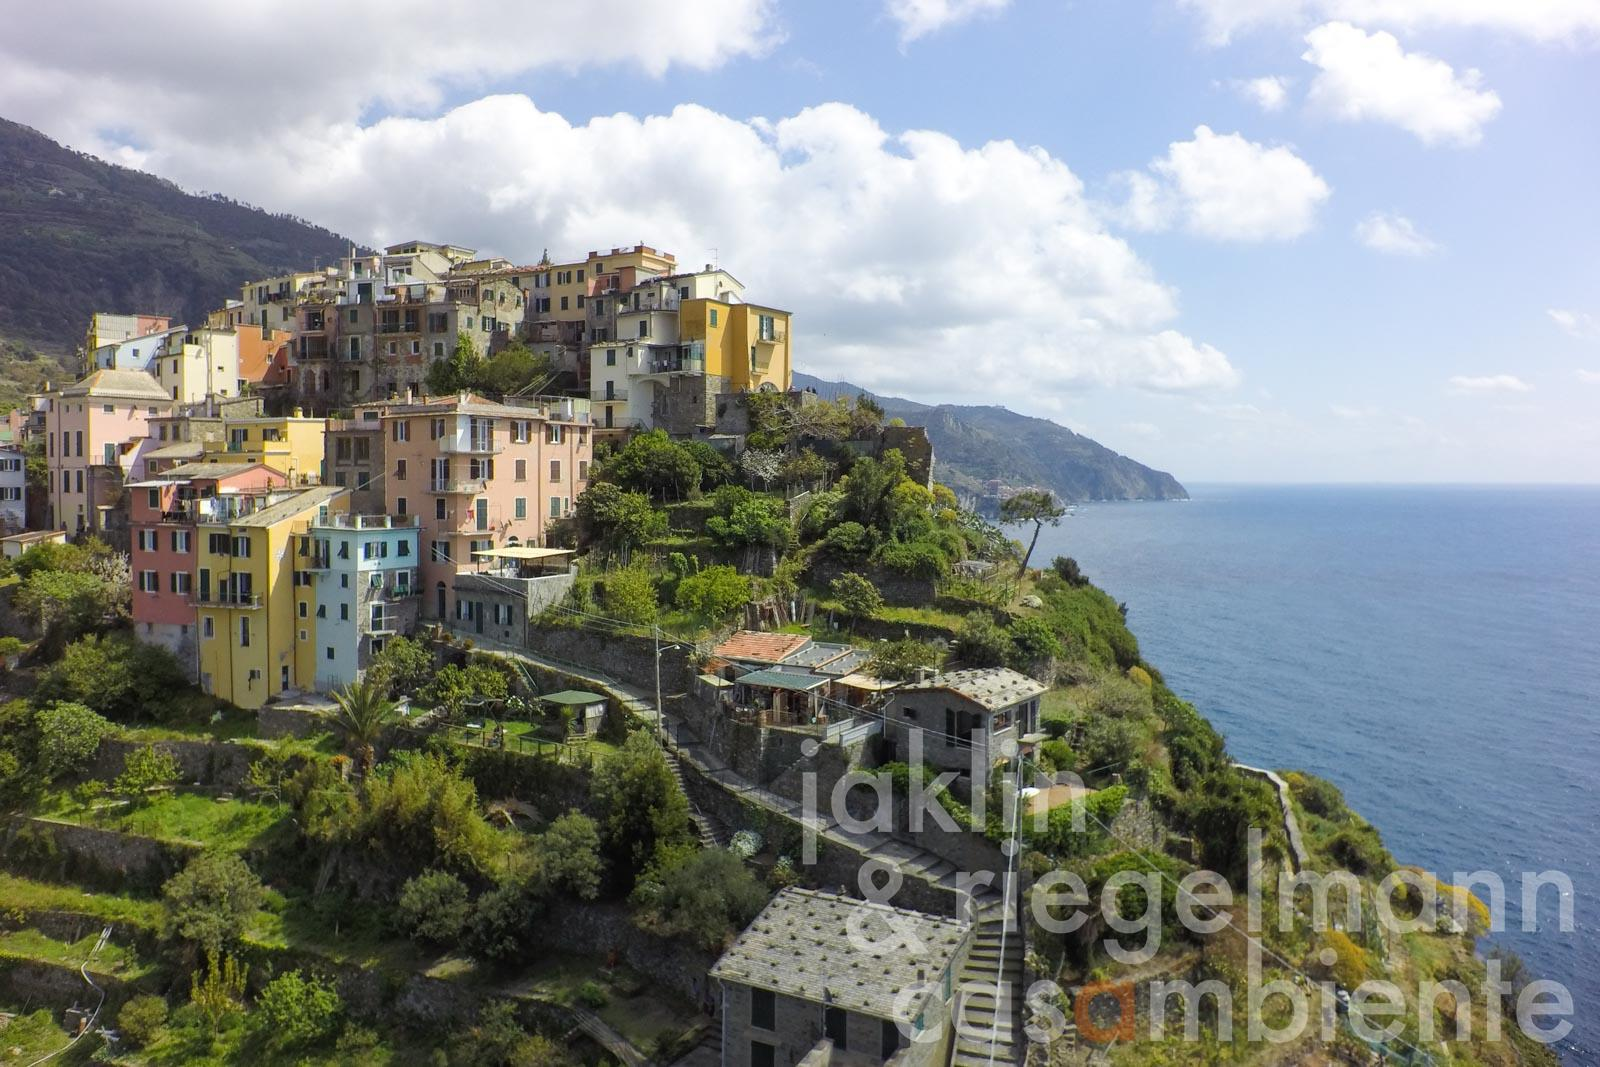 Il rustico in posizione meravigliosa con vista mare sulla Costa Ligure